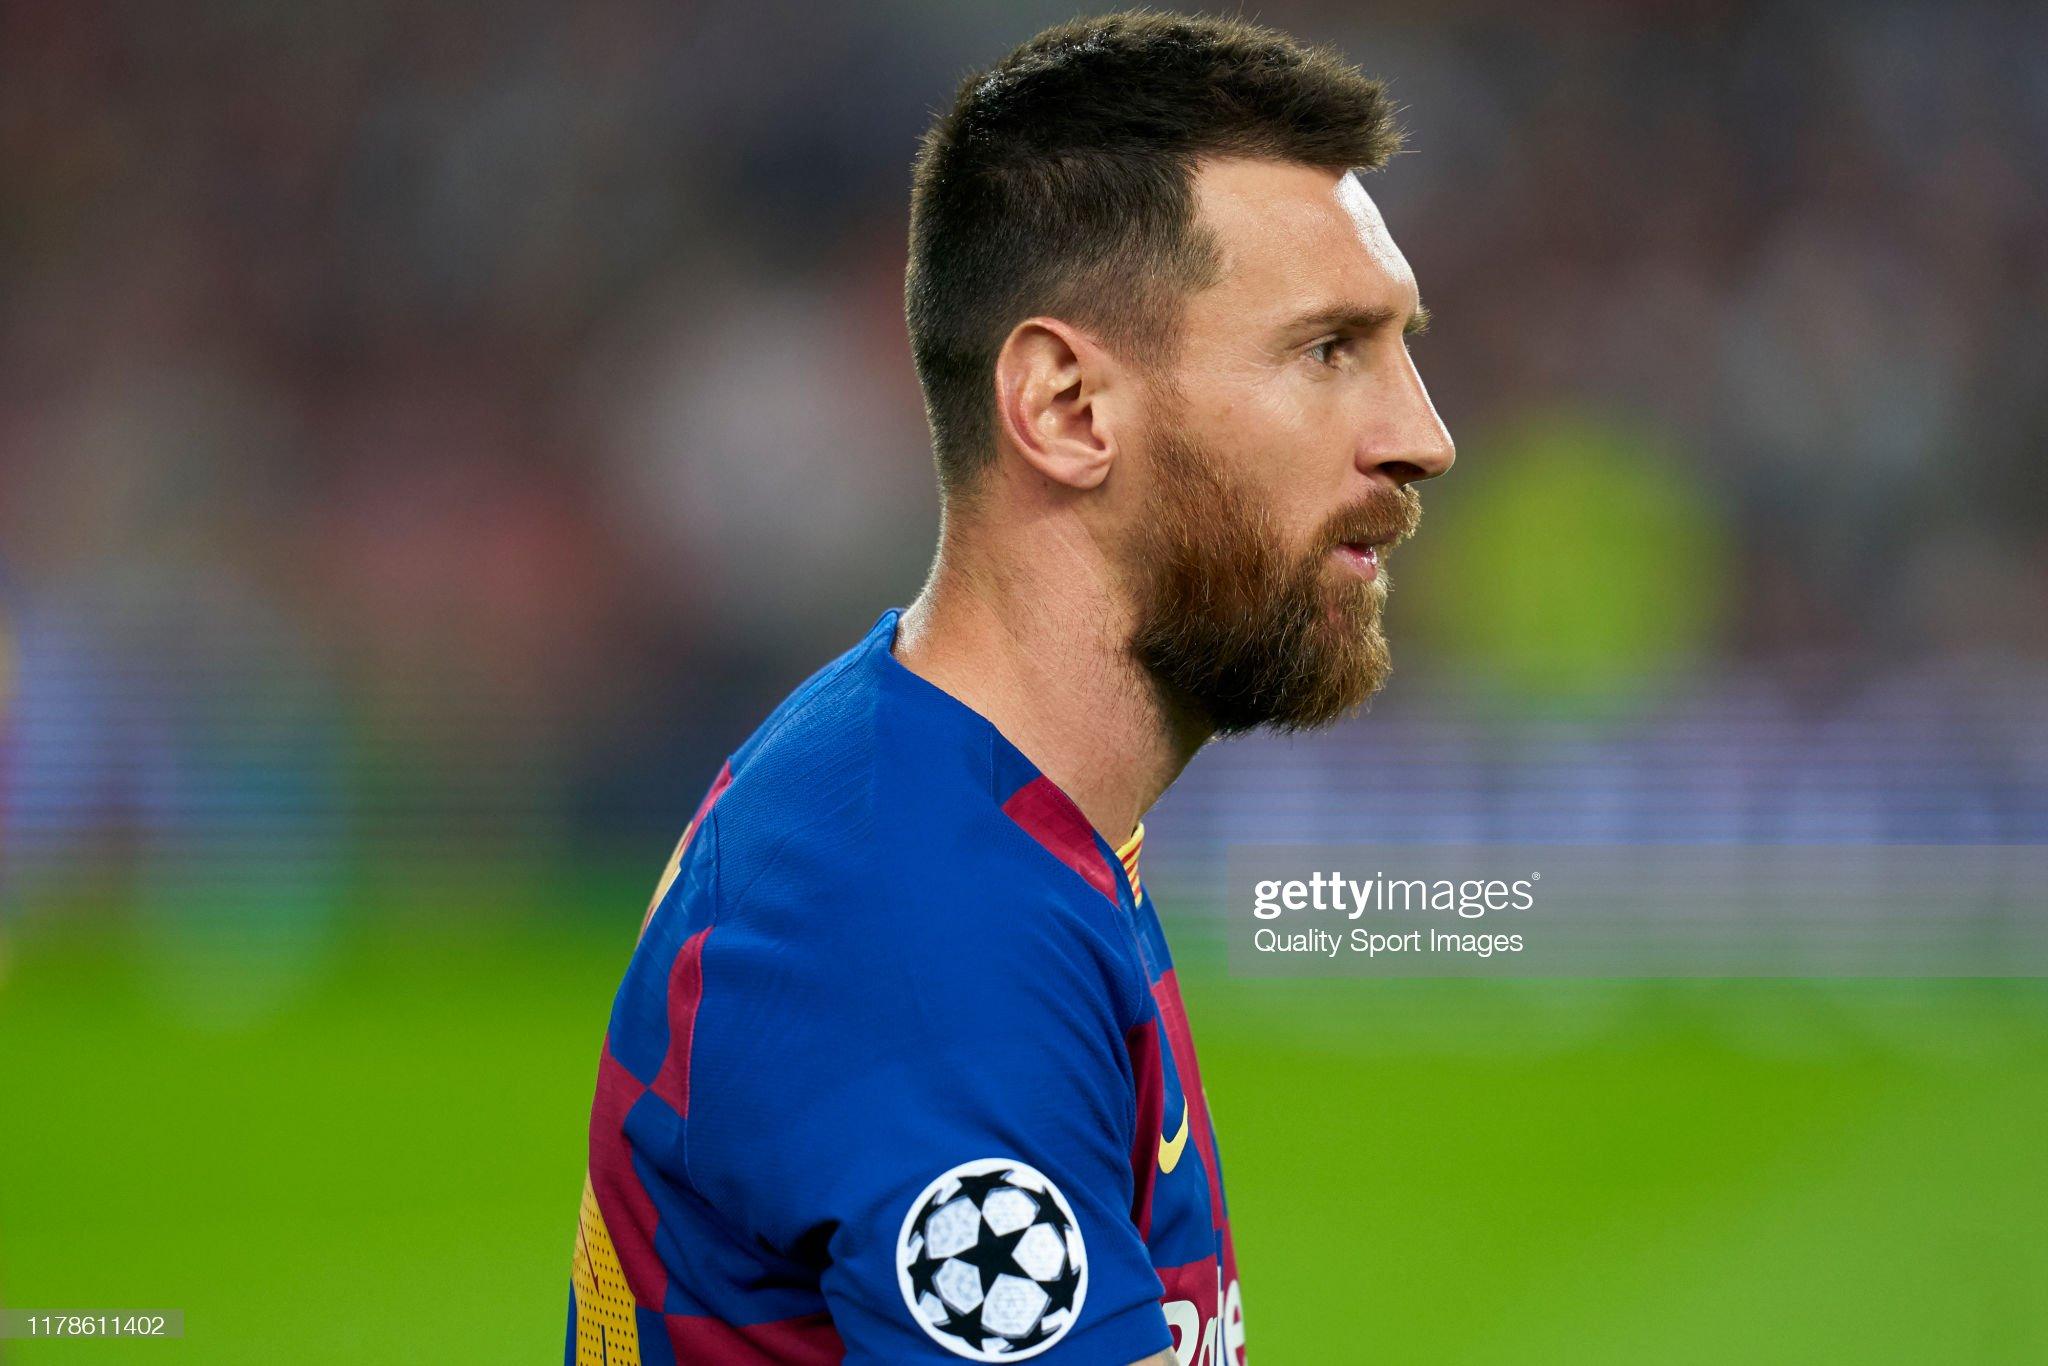 صور مباراة : برشلونة - إنتر 2-1 ( 02-10-2019 )  Lionel-messi-of-fc-barcelona-looks-on-prior-to-the-uefa-champions-f-picture-id1178611402?s=2048x2048